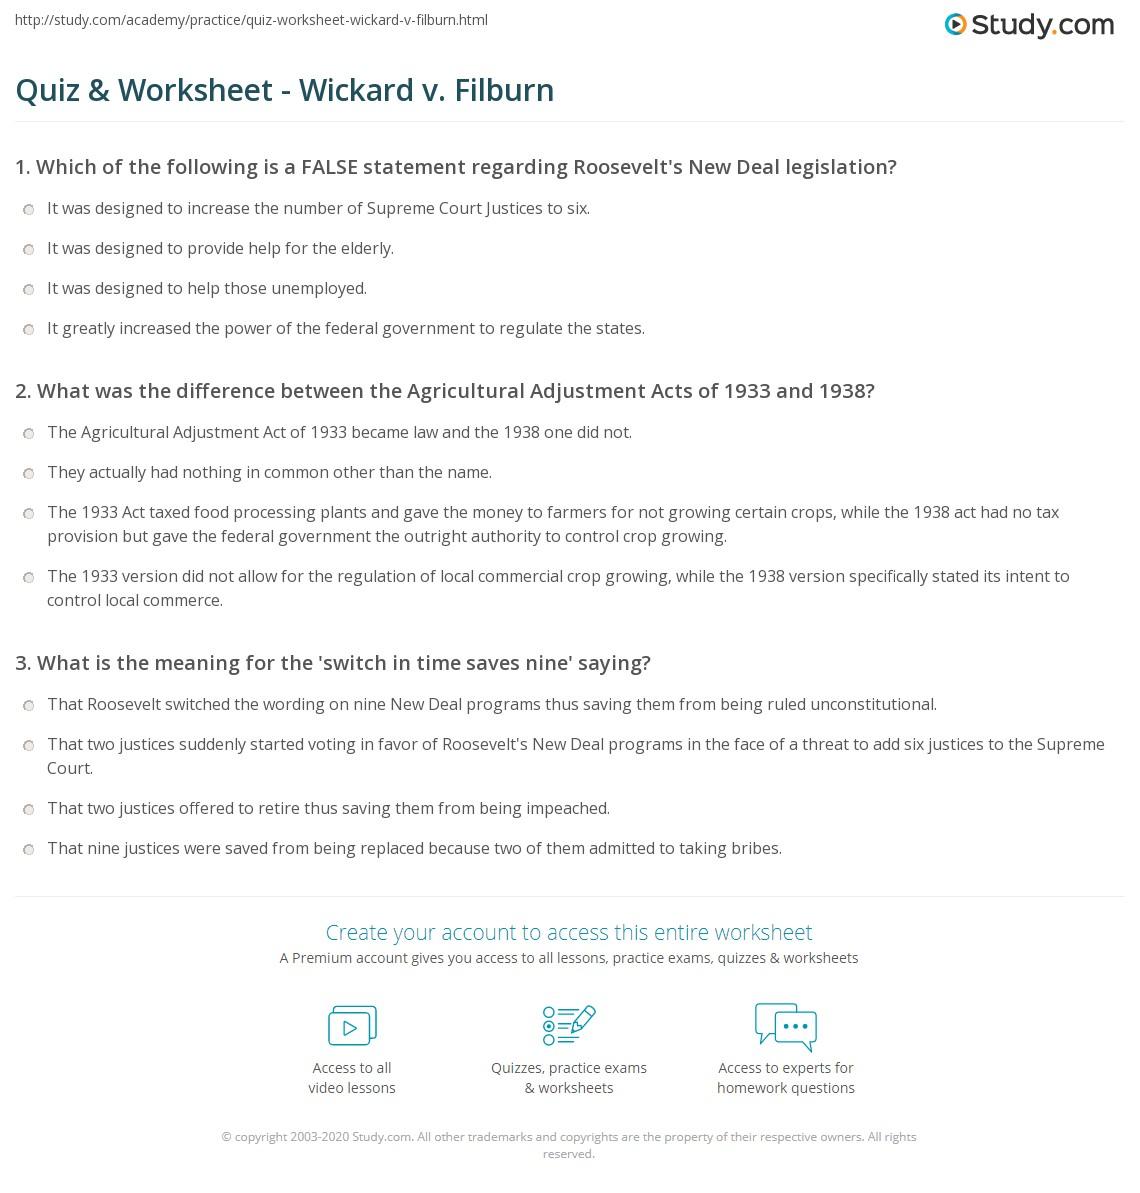 Wickard v filburn essay